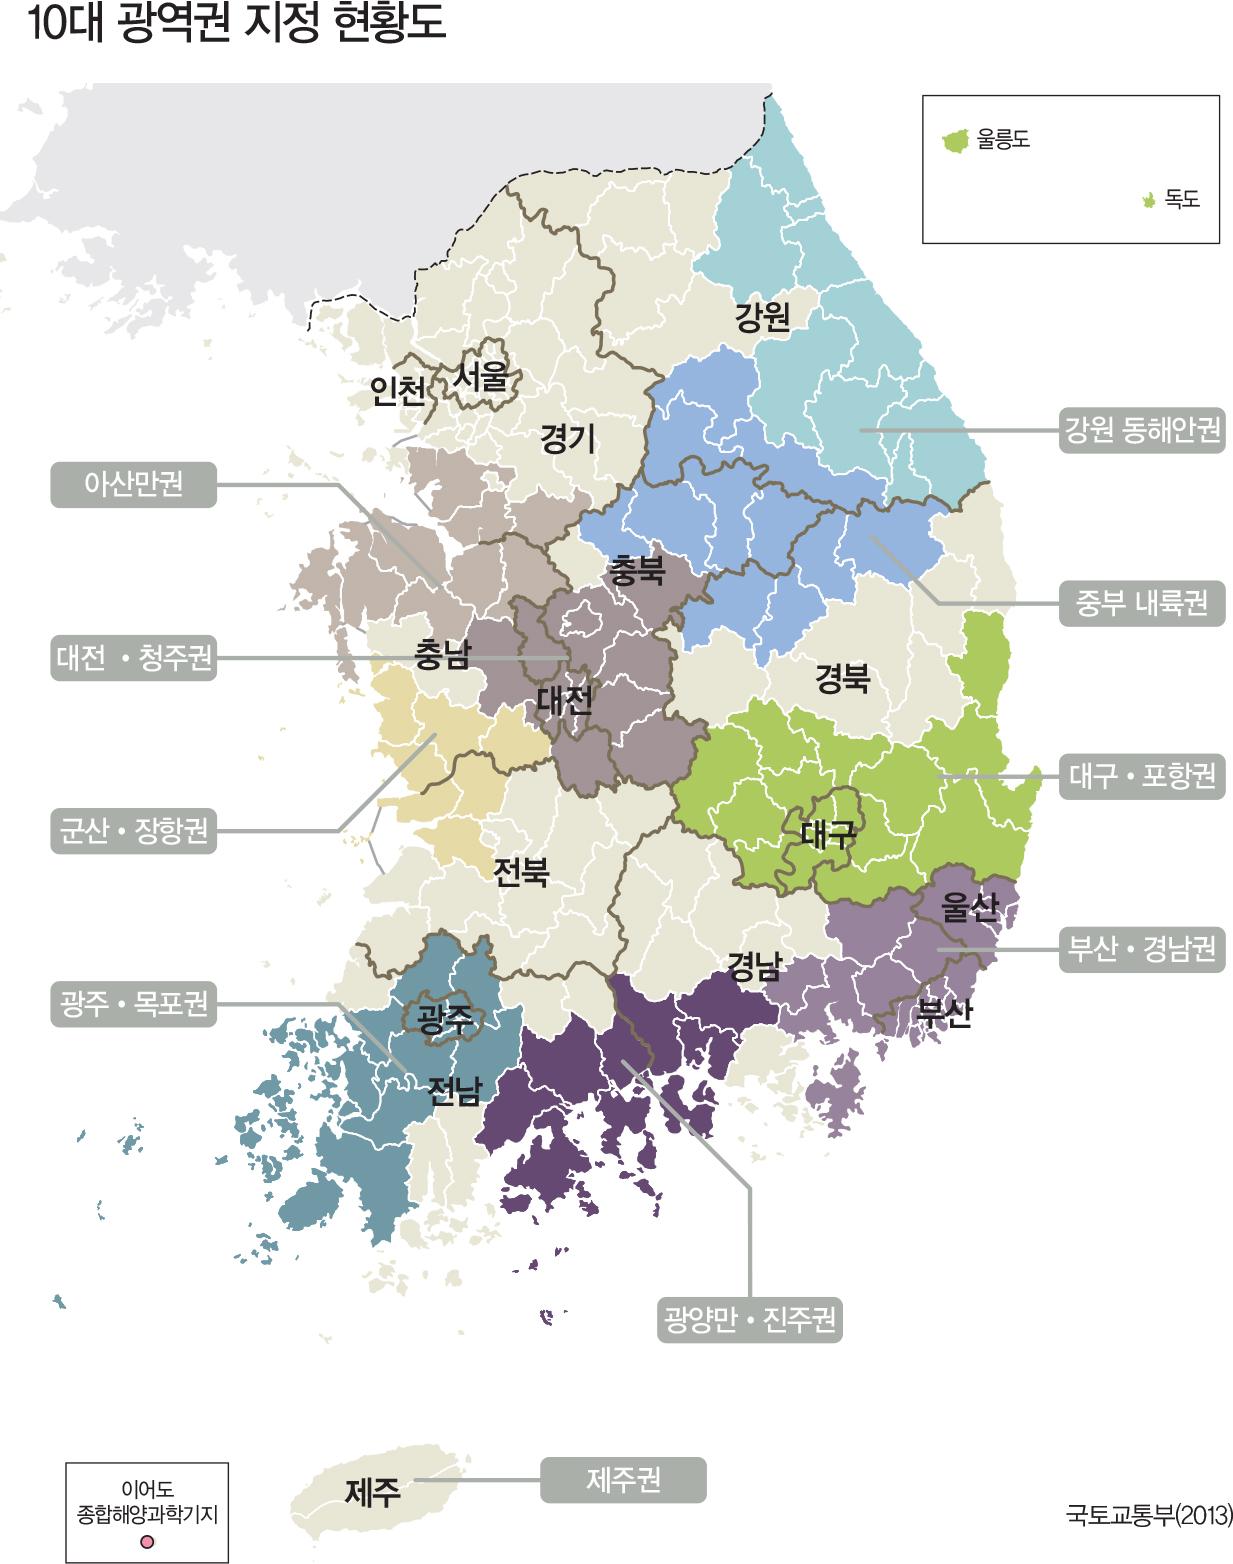 10대 광역권 지정 현황도